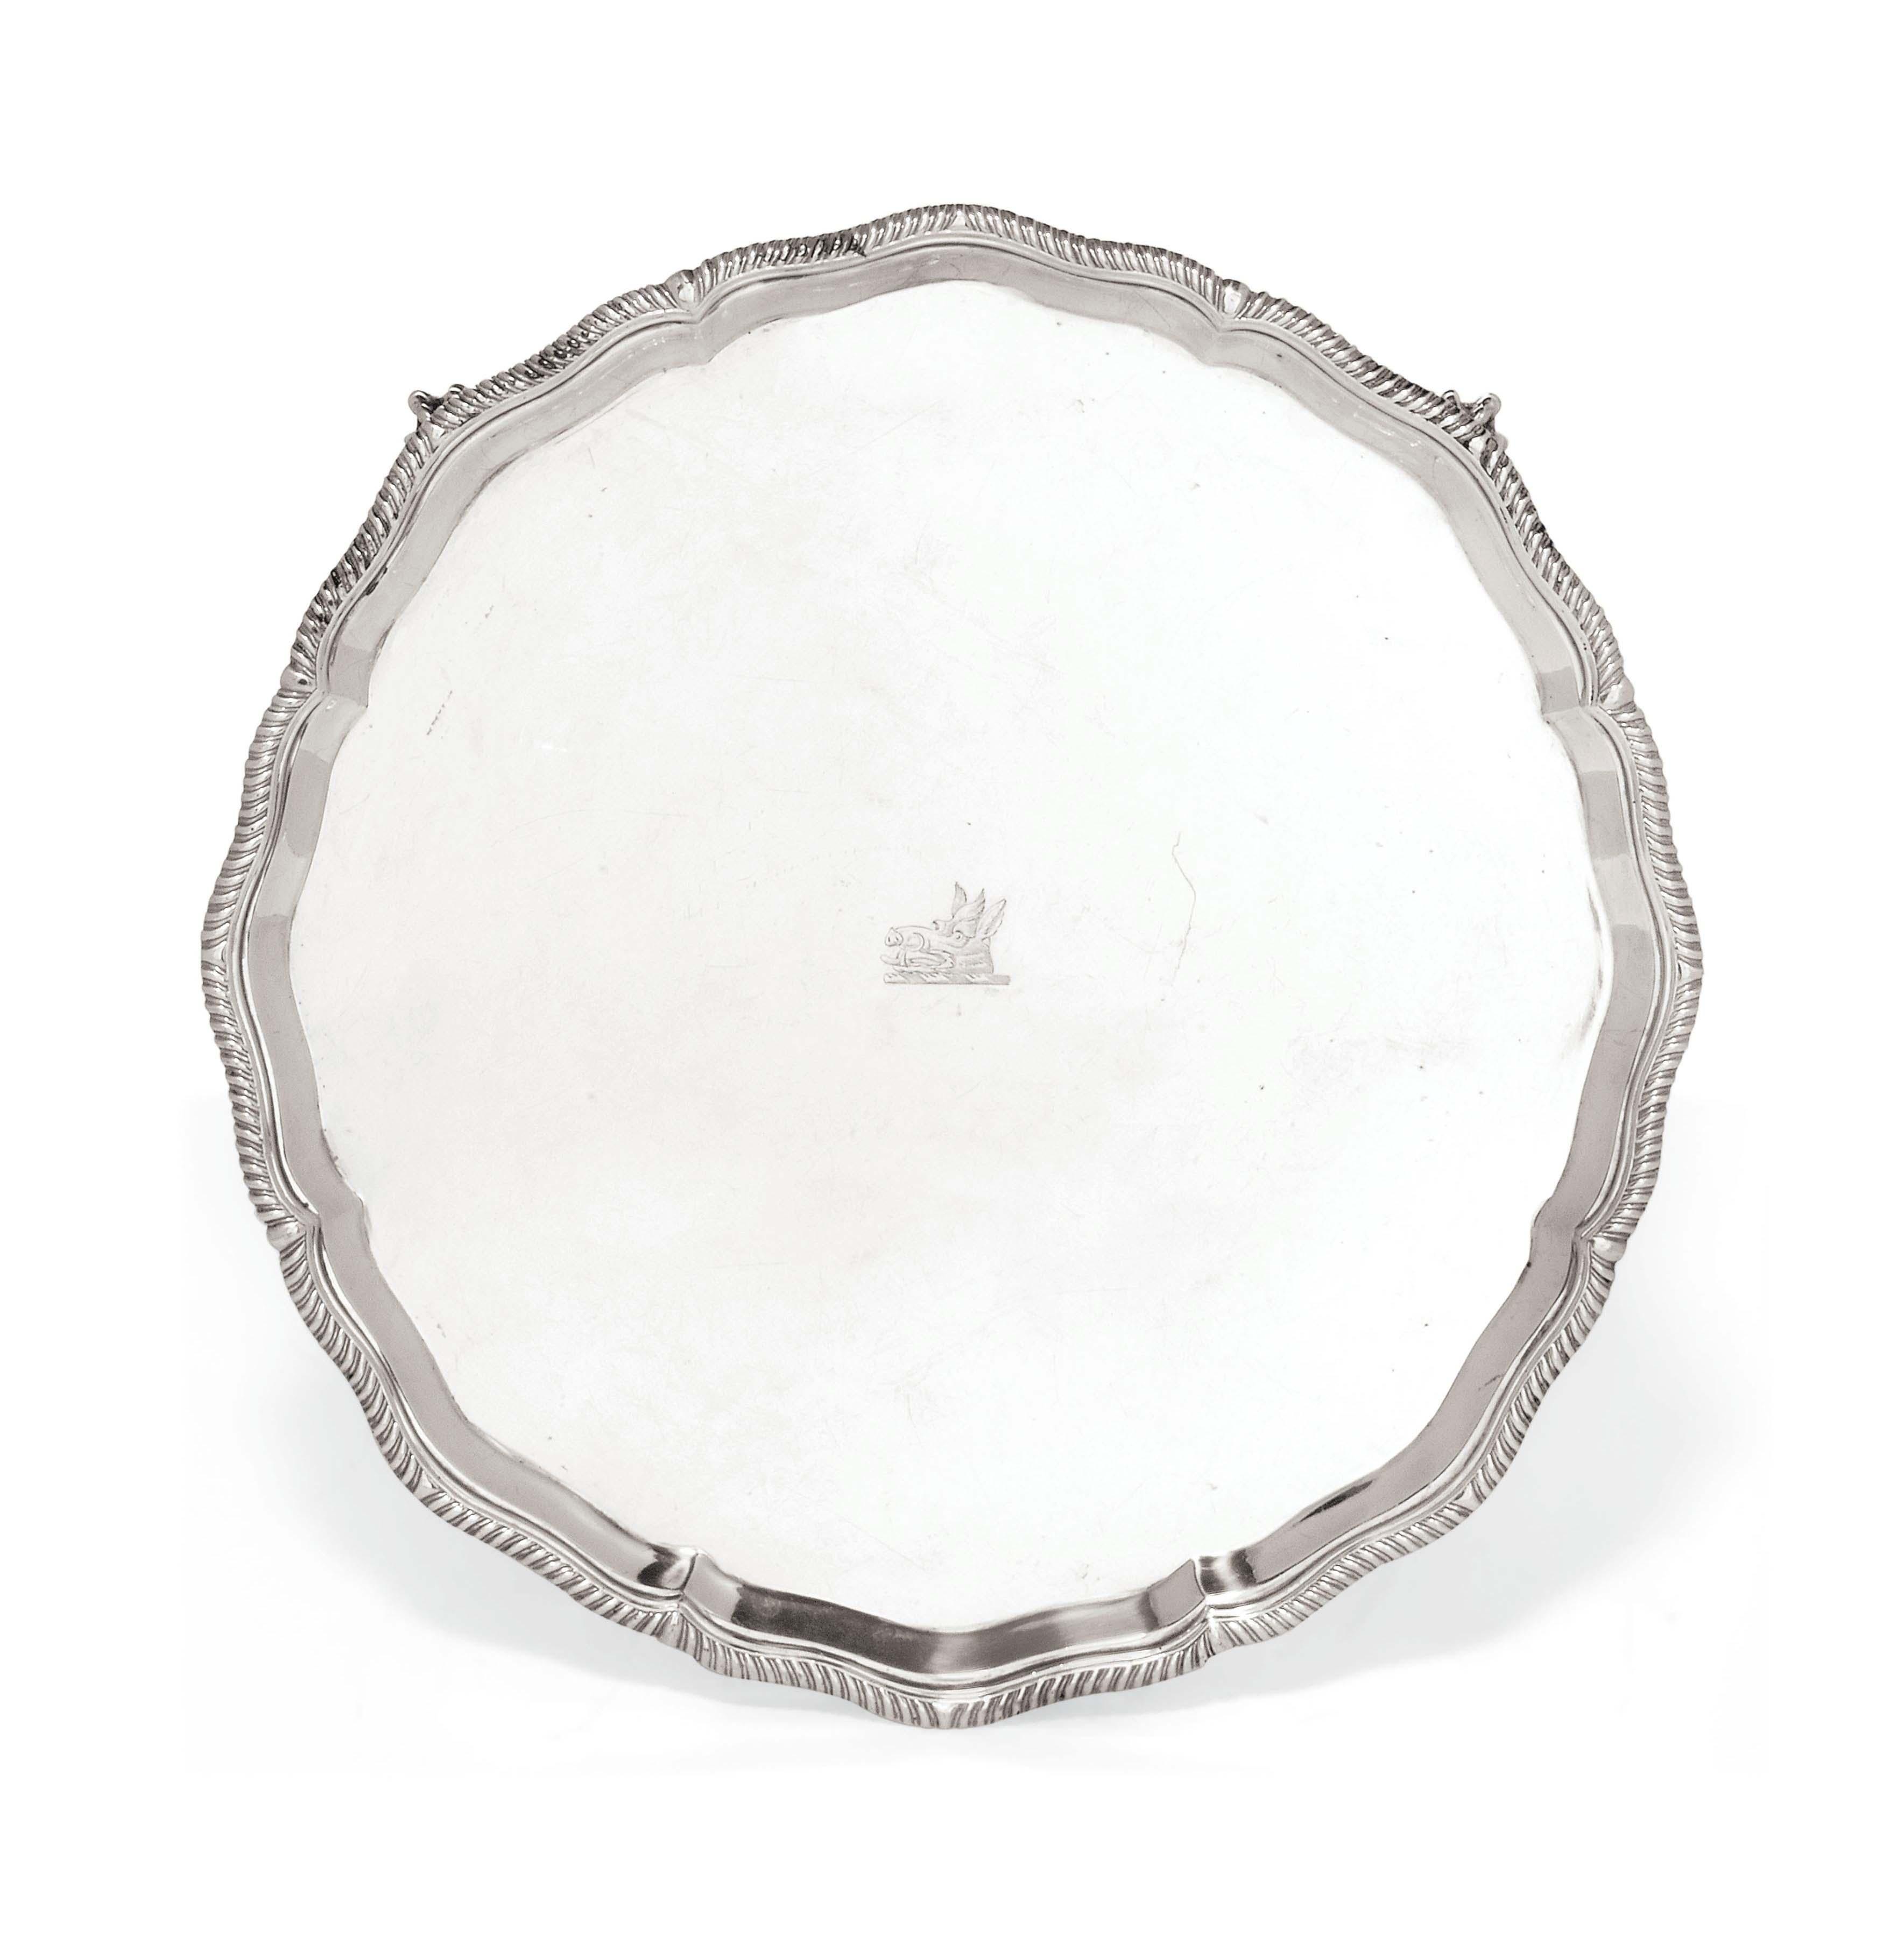 A SHAPED CIRCULAR SILVER SALVER